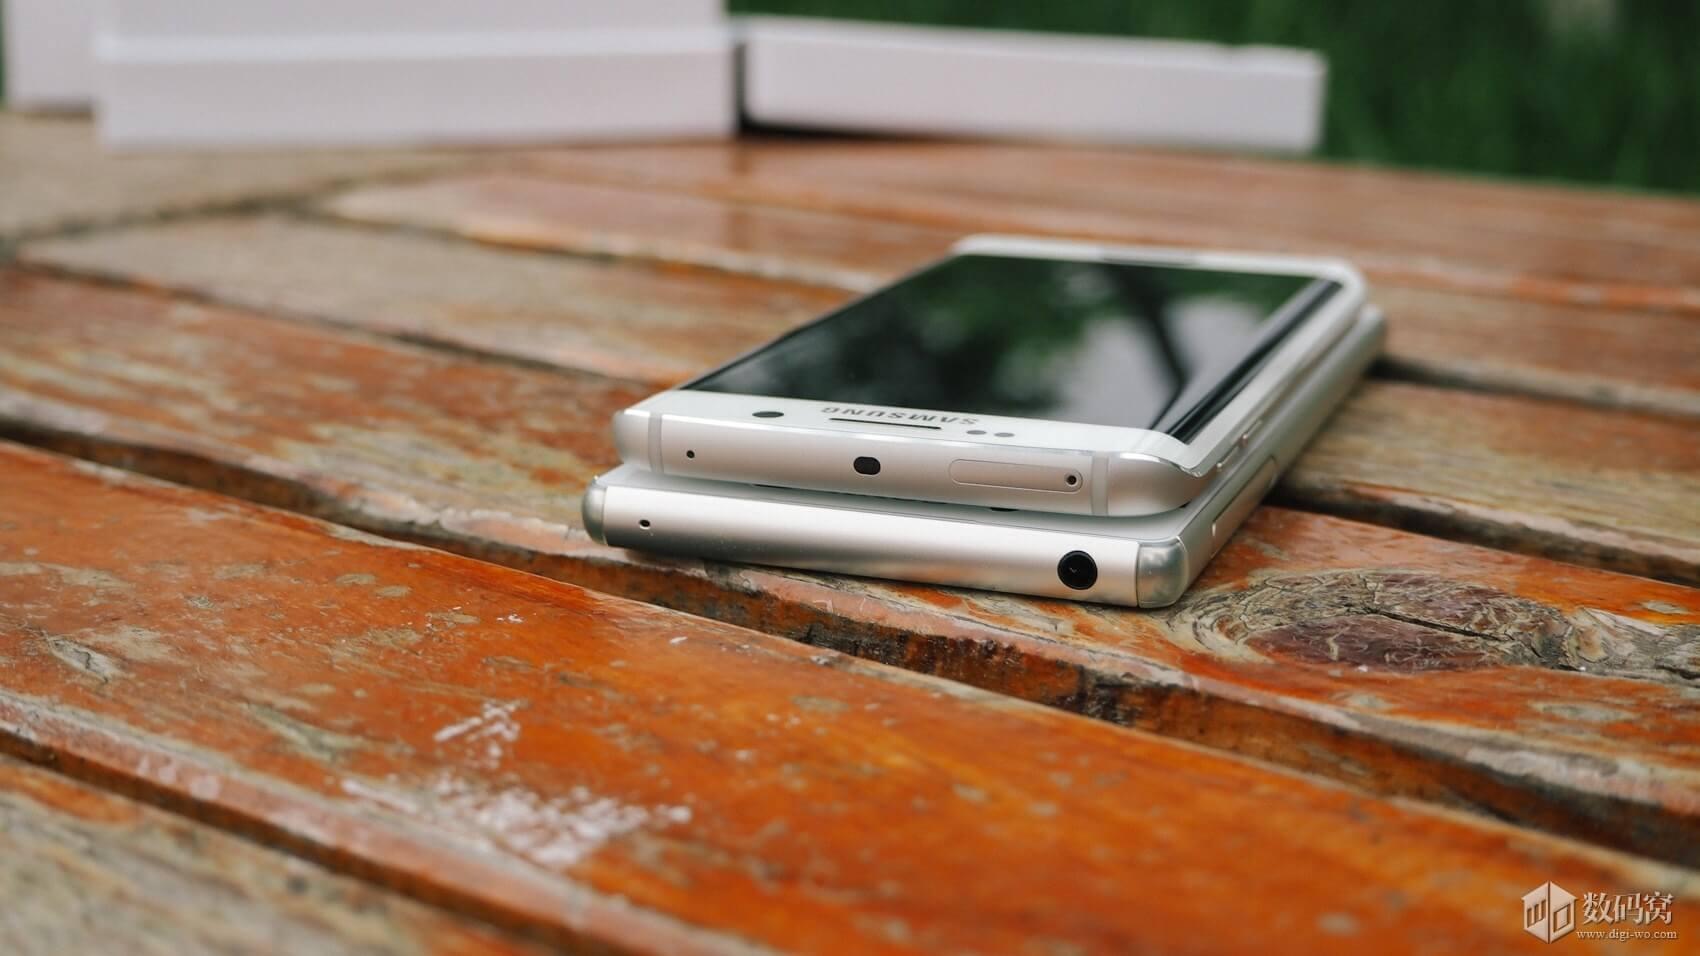 Galaxy S6 Edge vs Xperia Z3+ Design